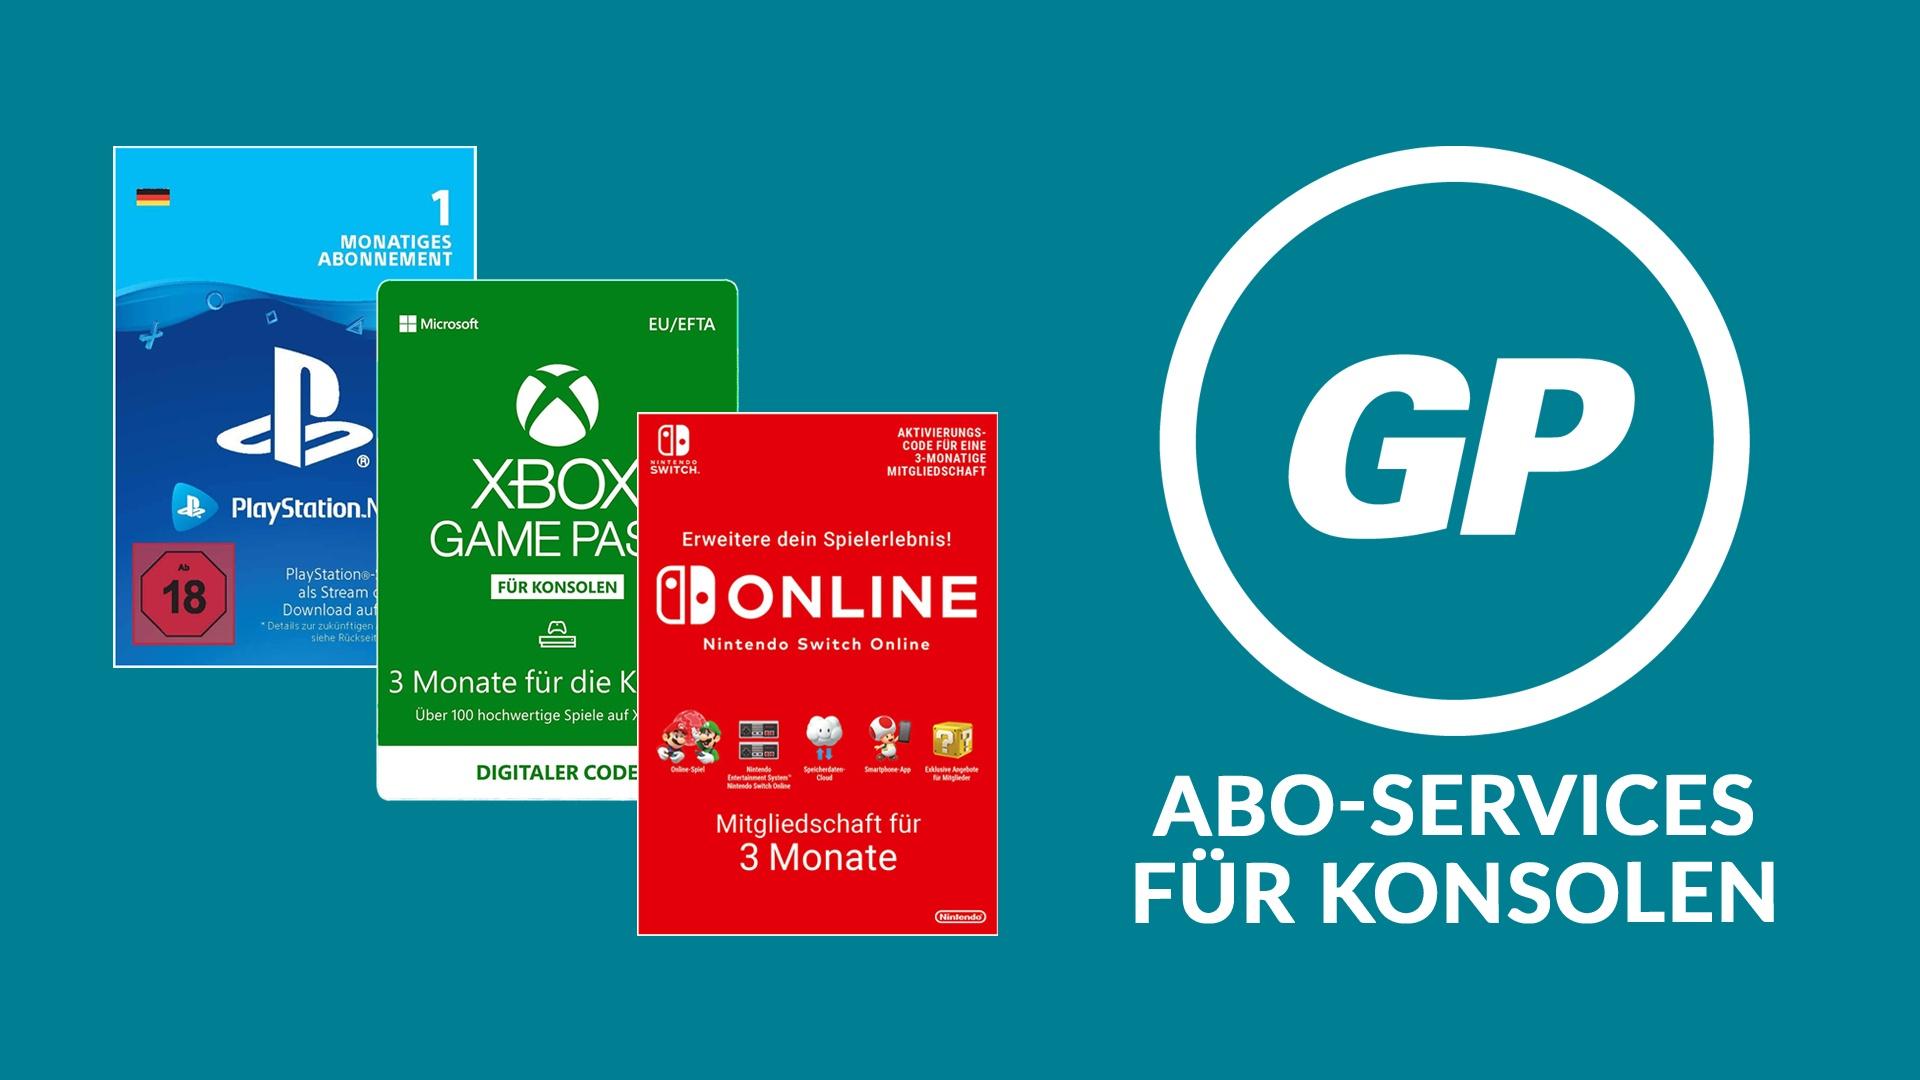 von-ps-plus-bis-xbox-game-pass-abo-services-f-r-konsolen-im-vergleich